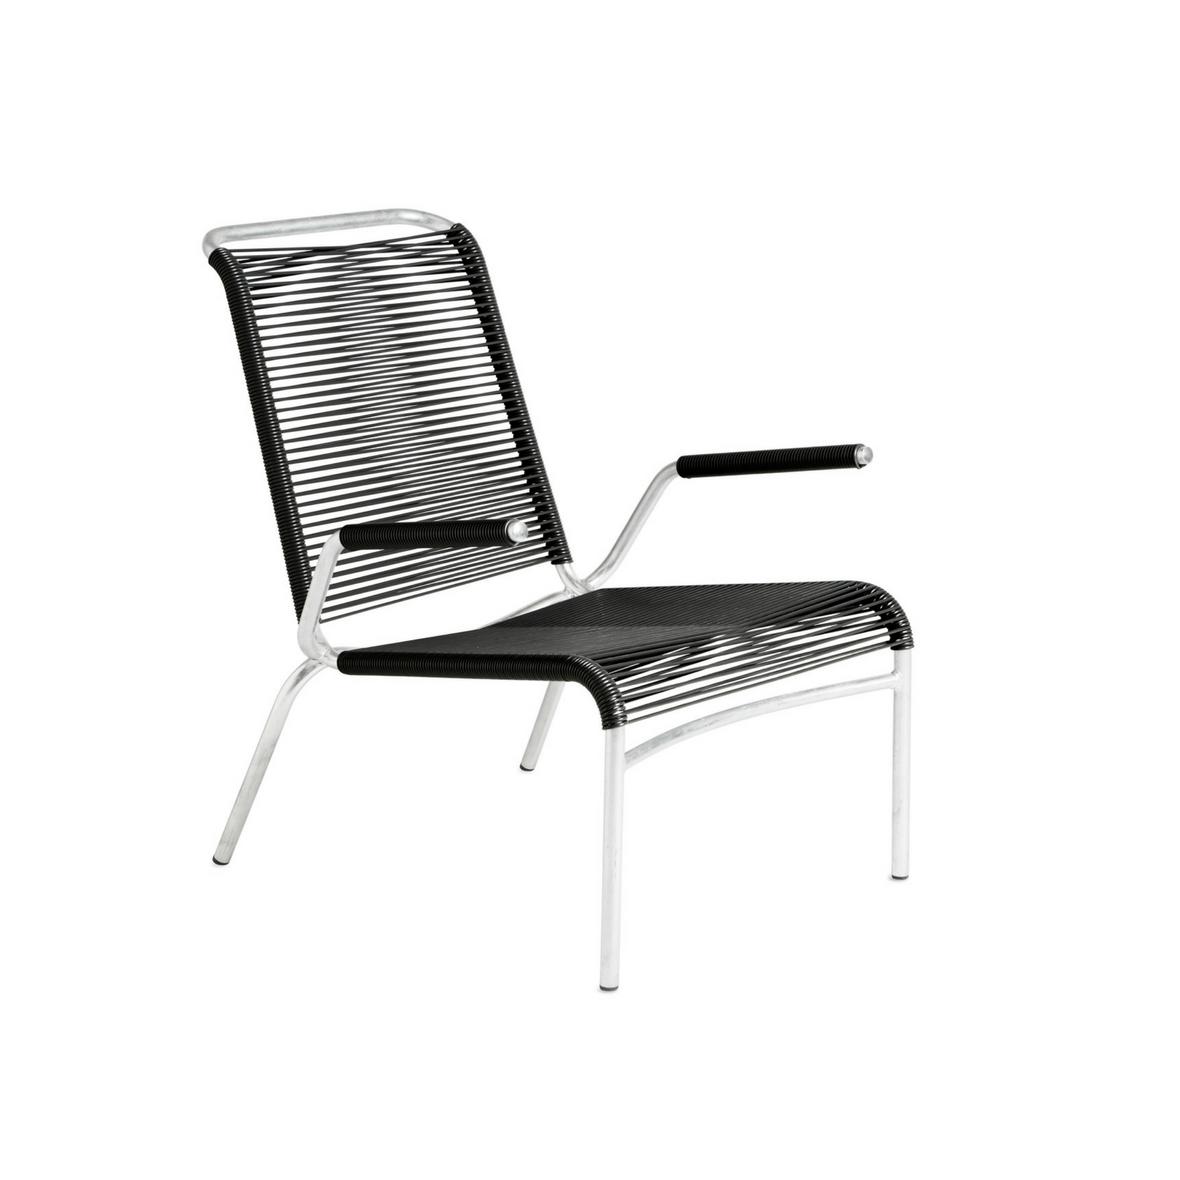 Altorfer Lounge Sessel 1142 mit Armlehne Graphitschwarz von Embru